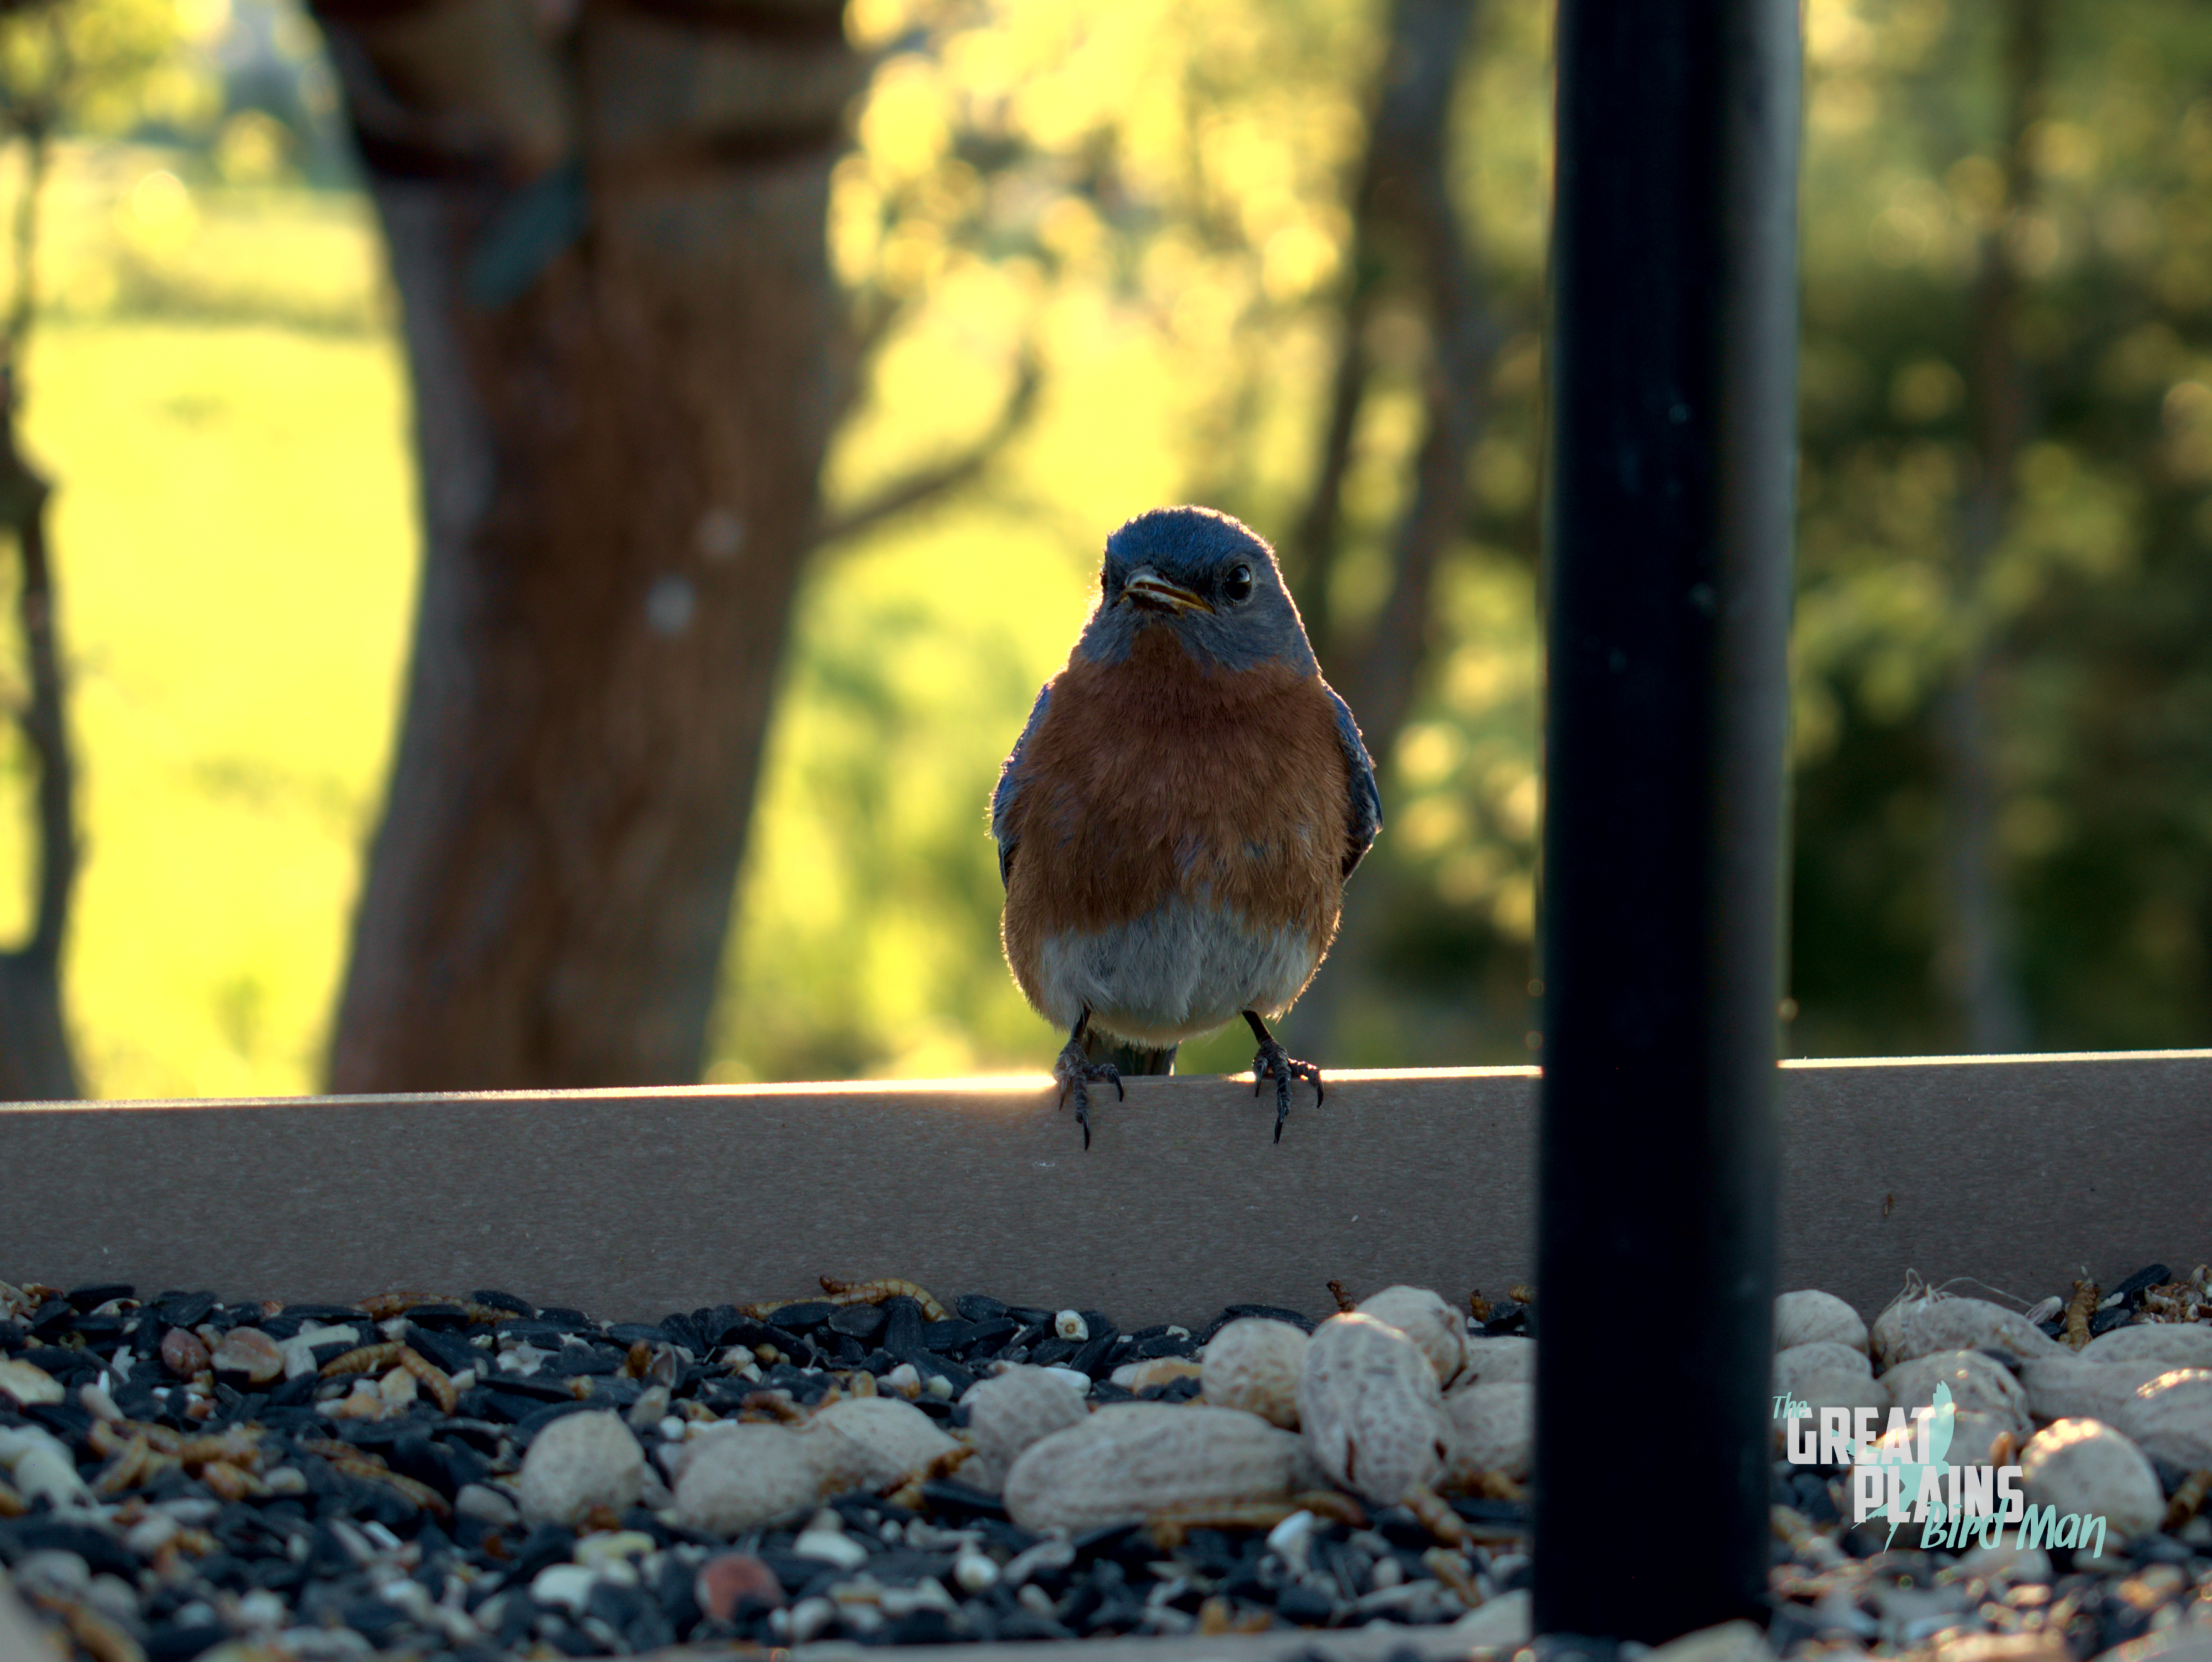 Mr. Bluebird is Back!